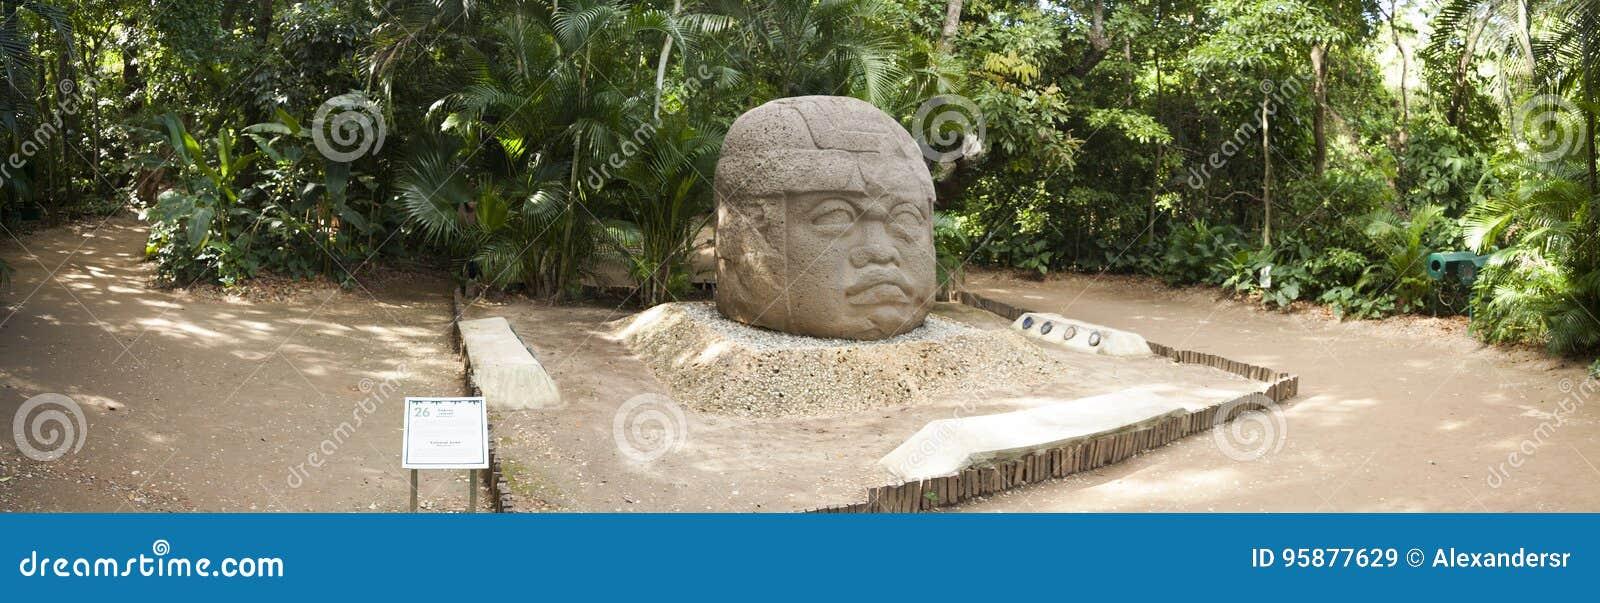 Olmec una arqueología de Venta Villahermosa Tabasco México del La de la cultura